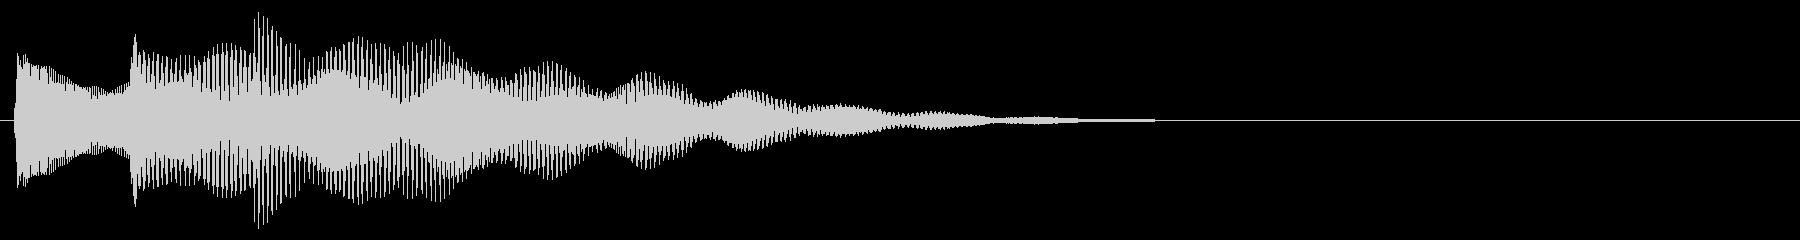 マレット系 決定音07(中)の未再生の波形